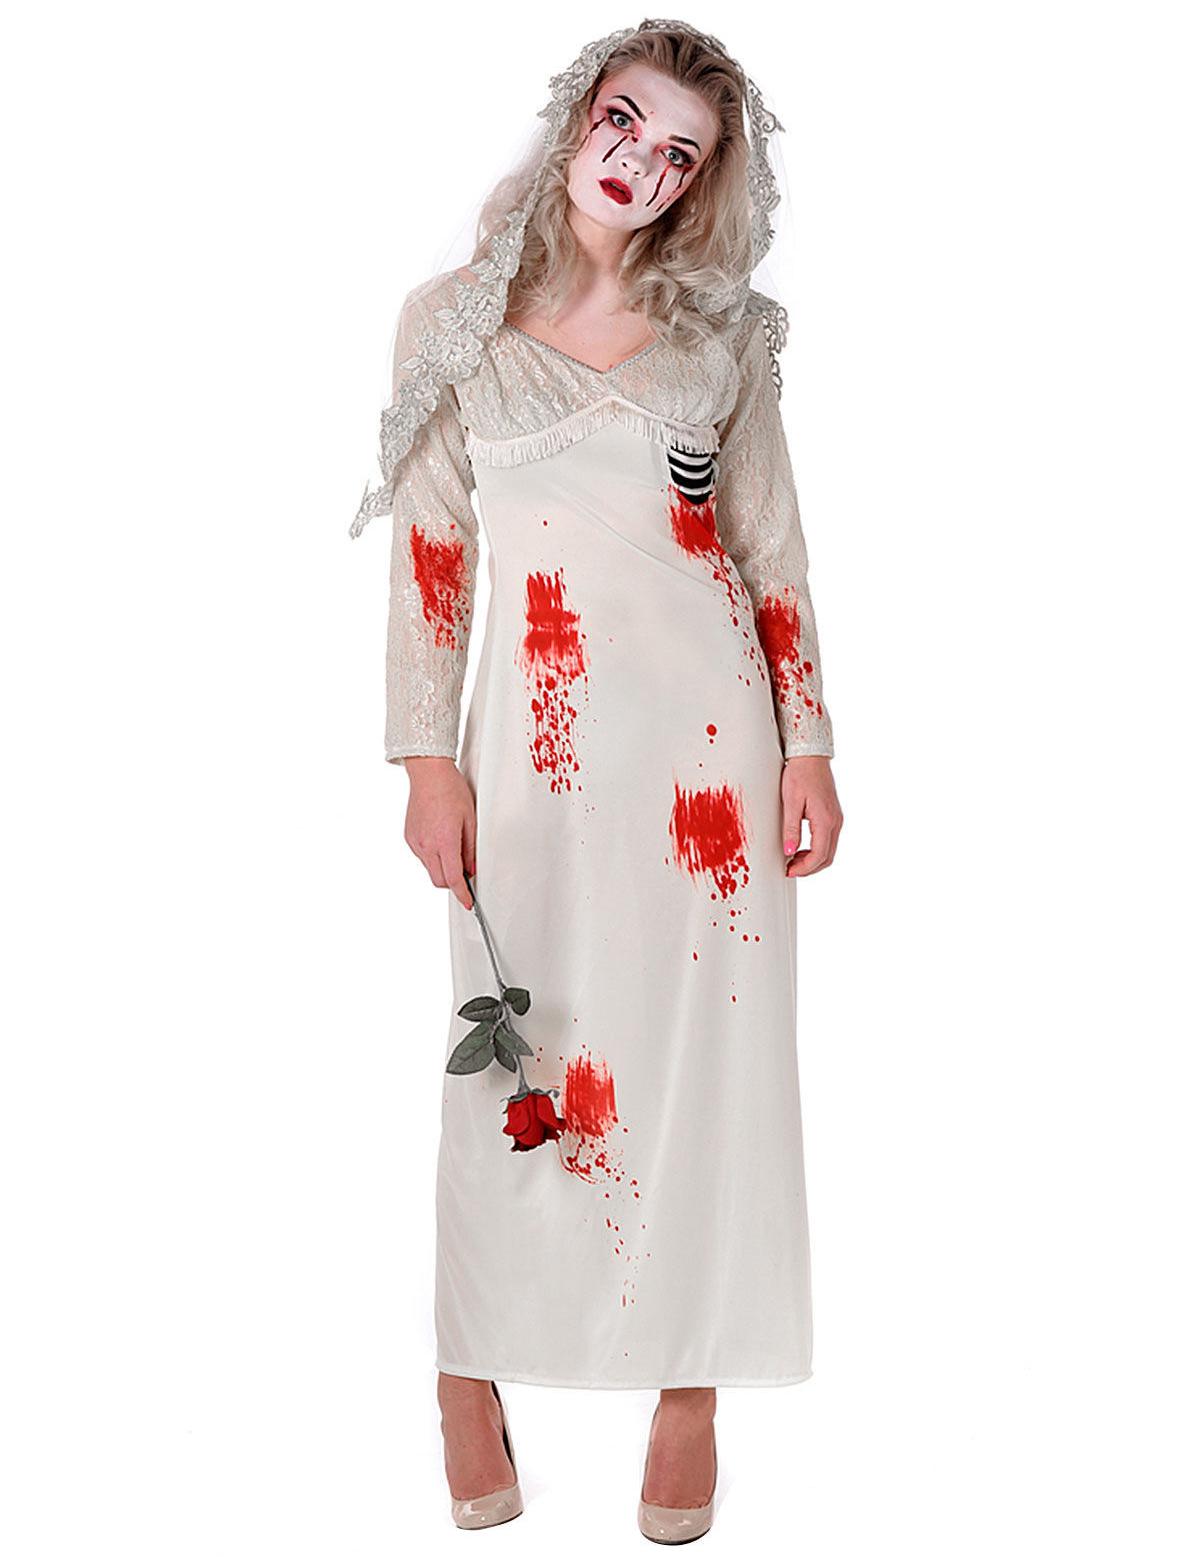 Deguisement Mariee Zombie Femme Deguise Toi Achat De Deguisements Adultes